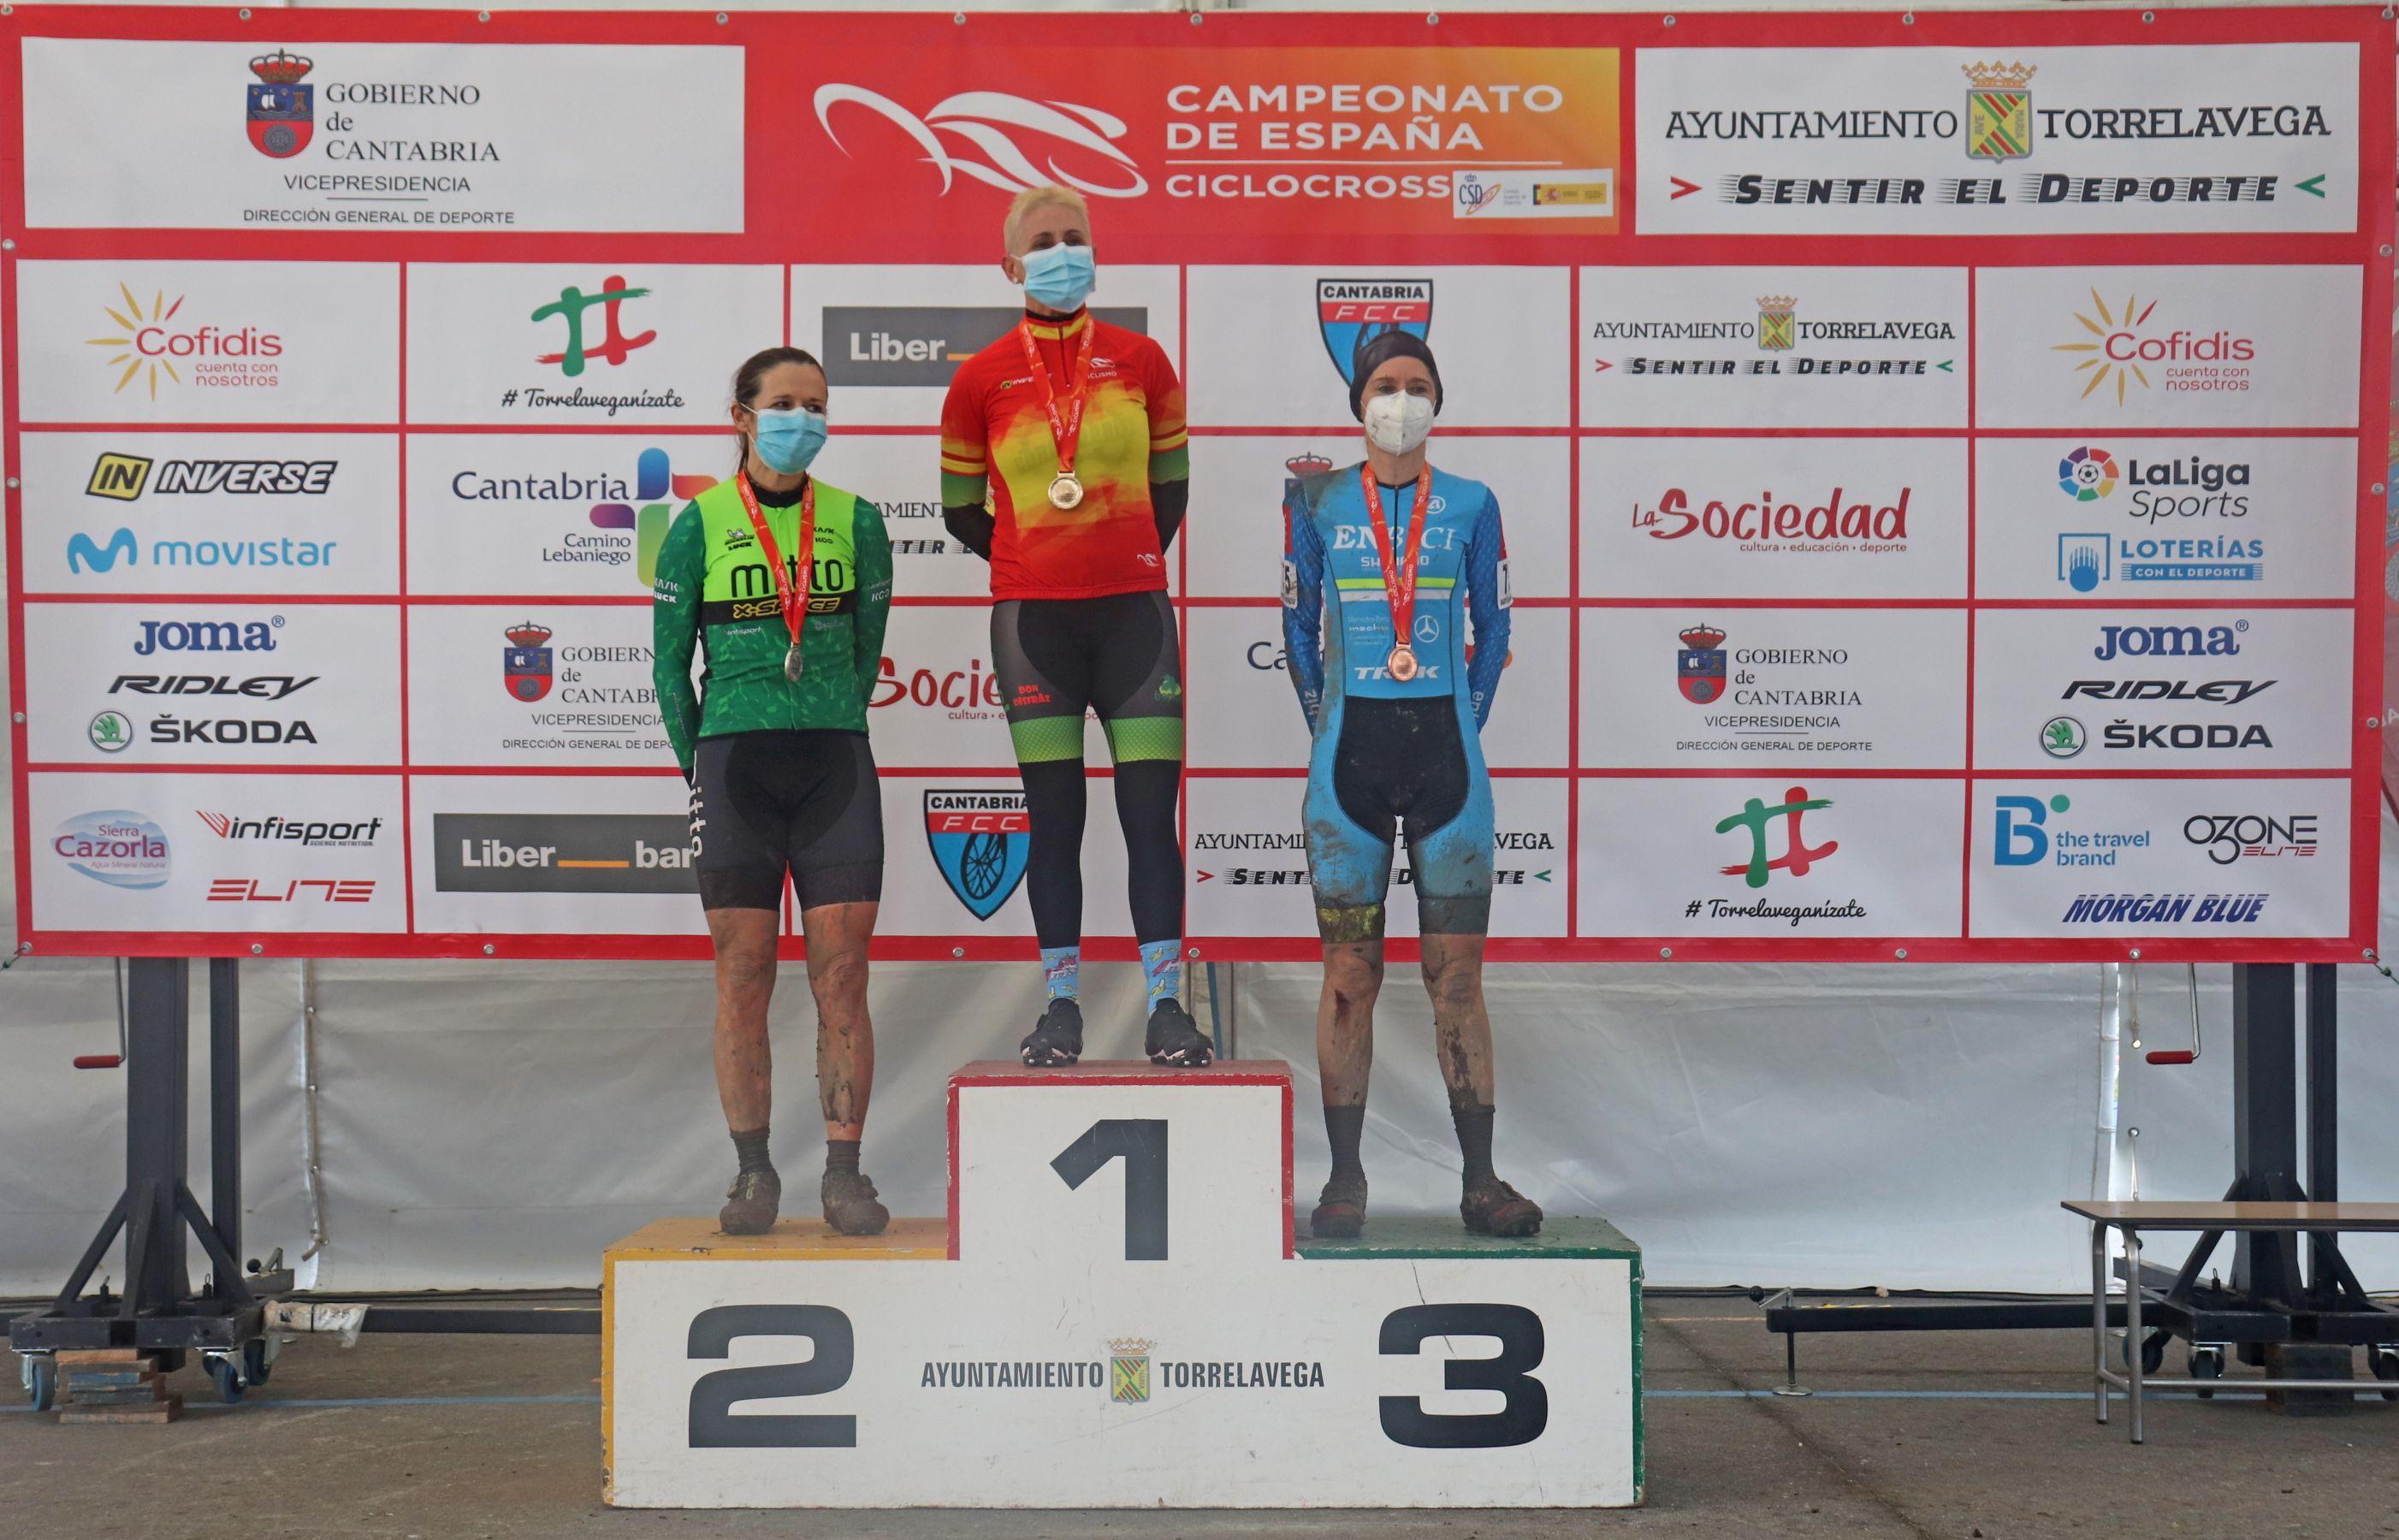 Cataluña y Galicia, grandes triunfadoras de la 1ª jornada del nacional de ciclocross 2021